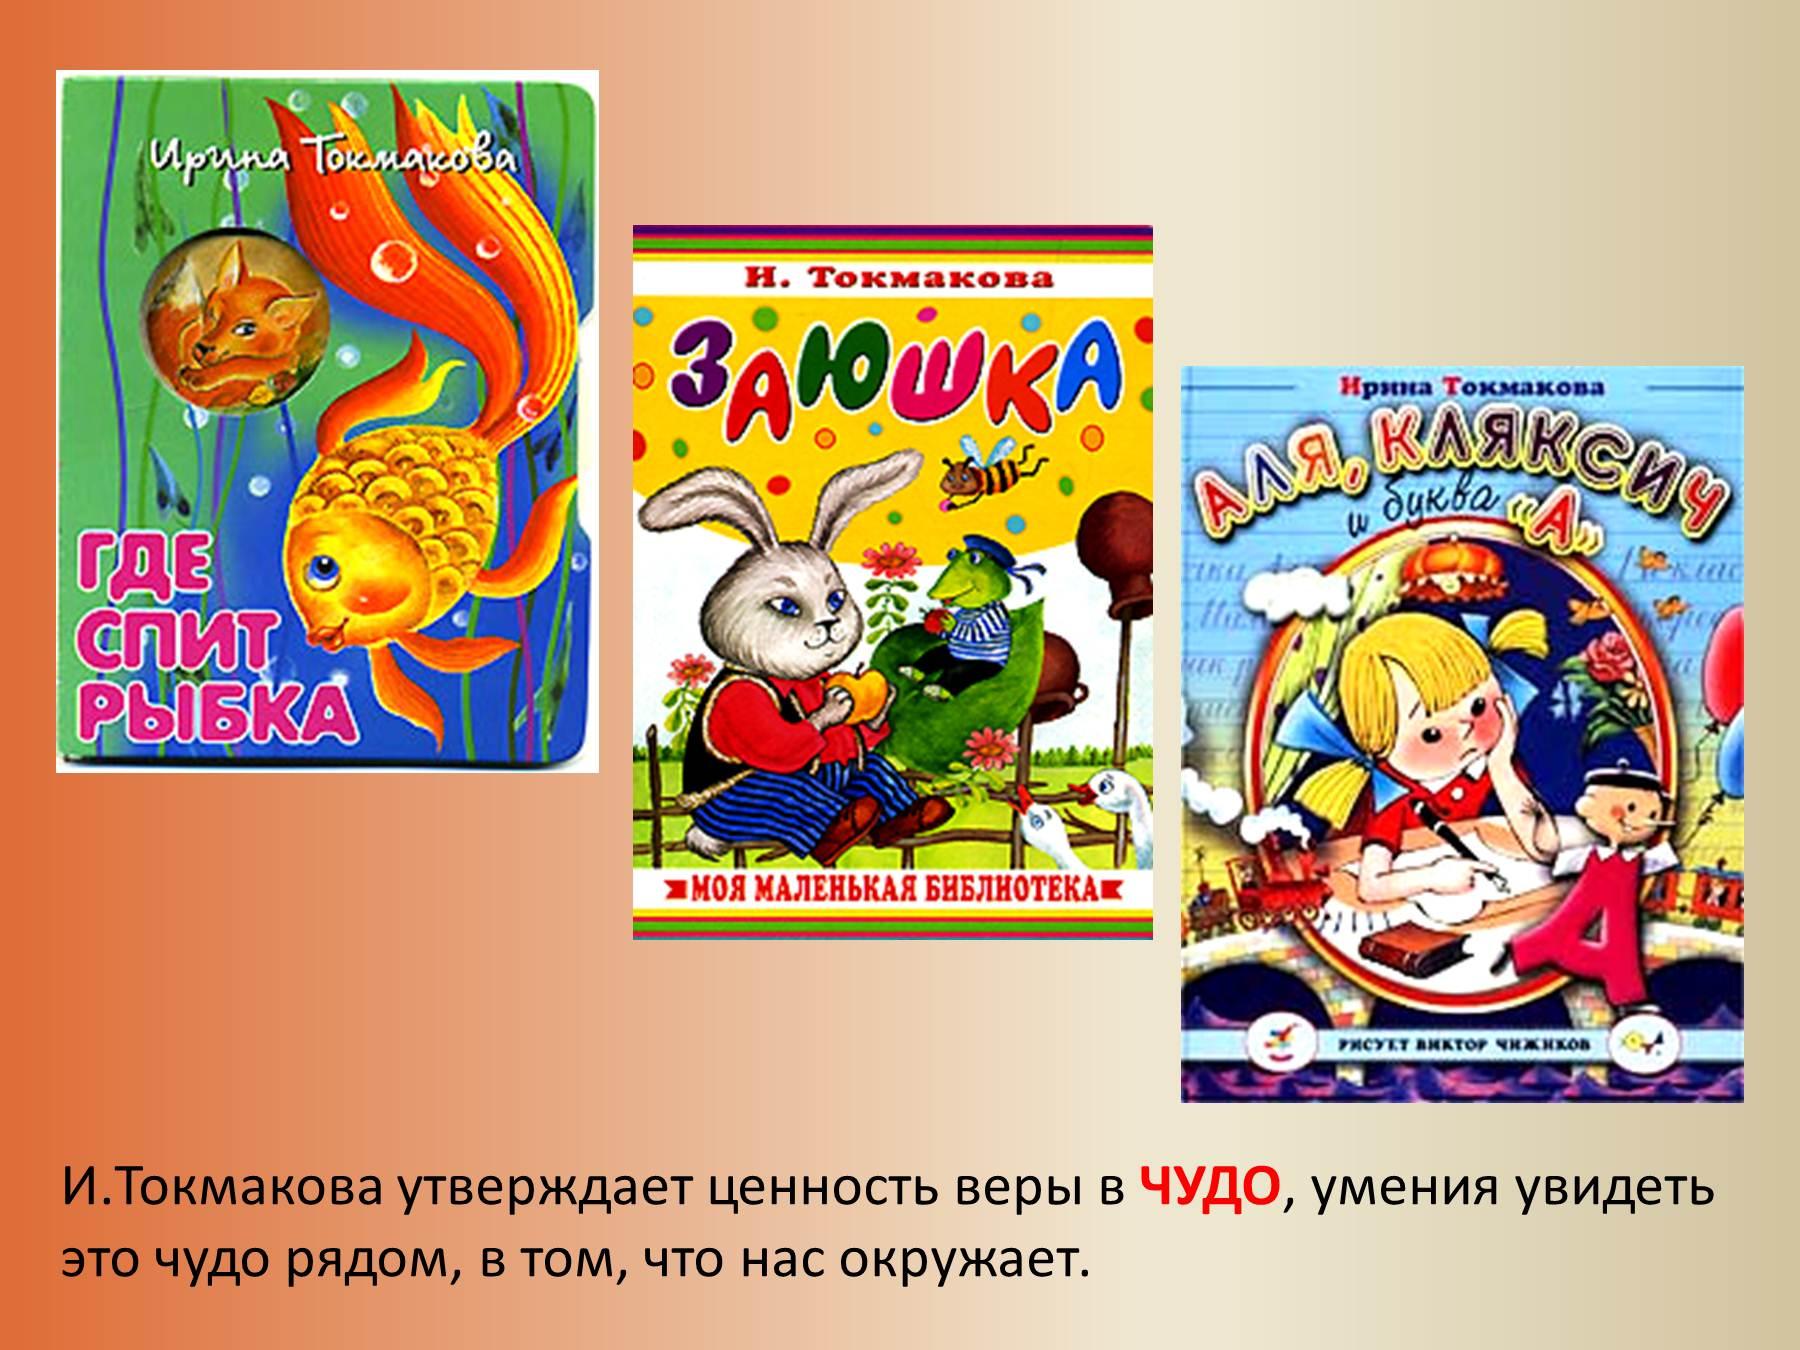 Картинки к 90 летию ирины токмаковой